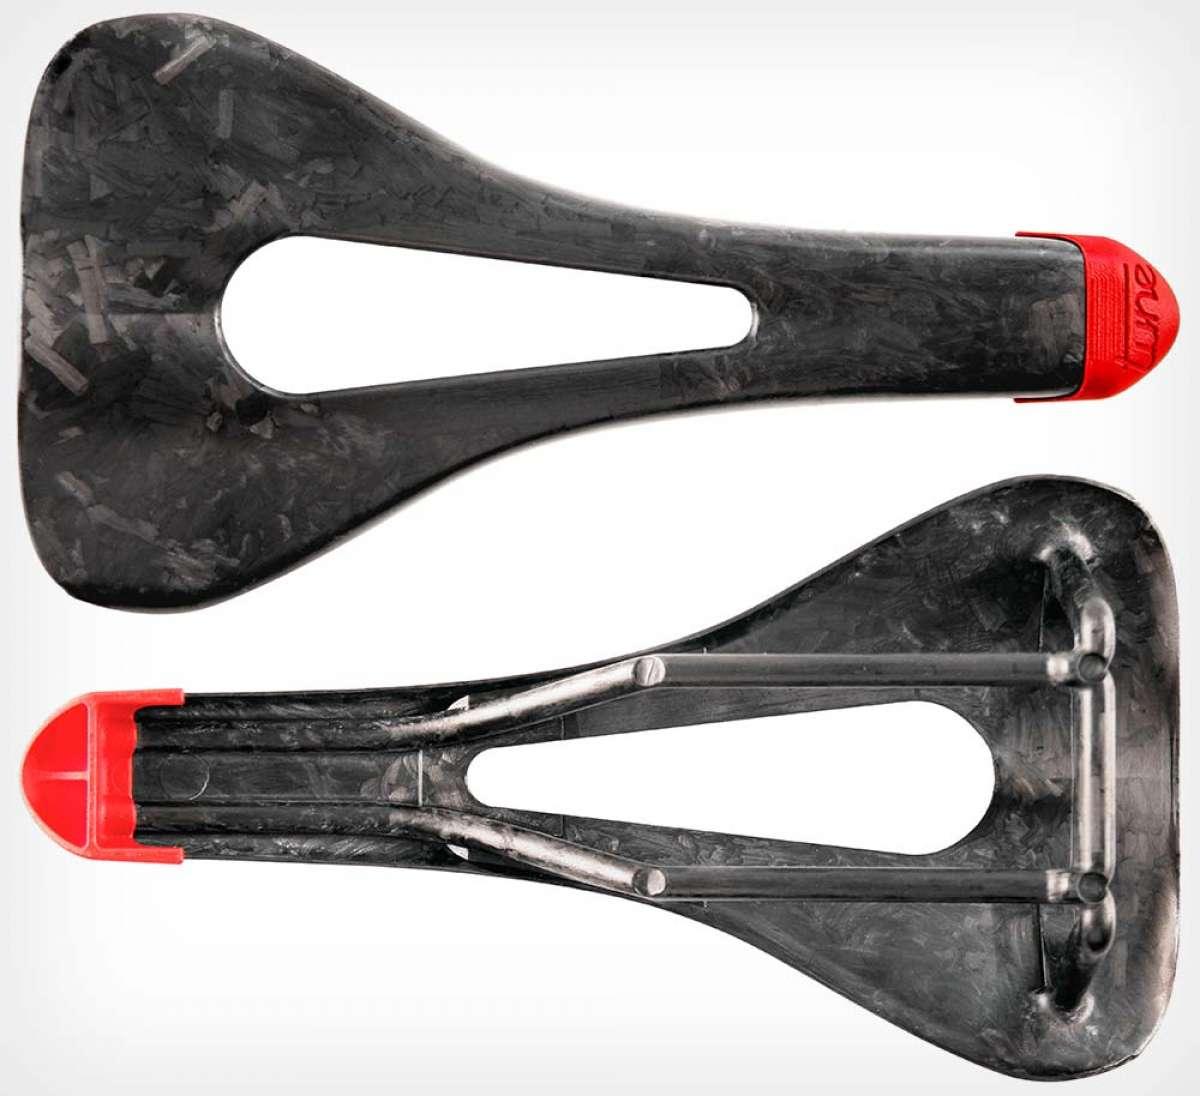 En TodoMountainBike: Tune presenta el Skyracer, un sillín de carbono de solo 69 gramos de peso